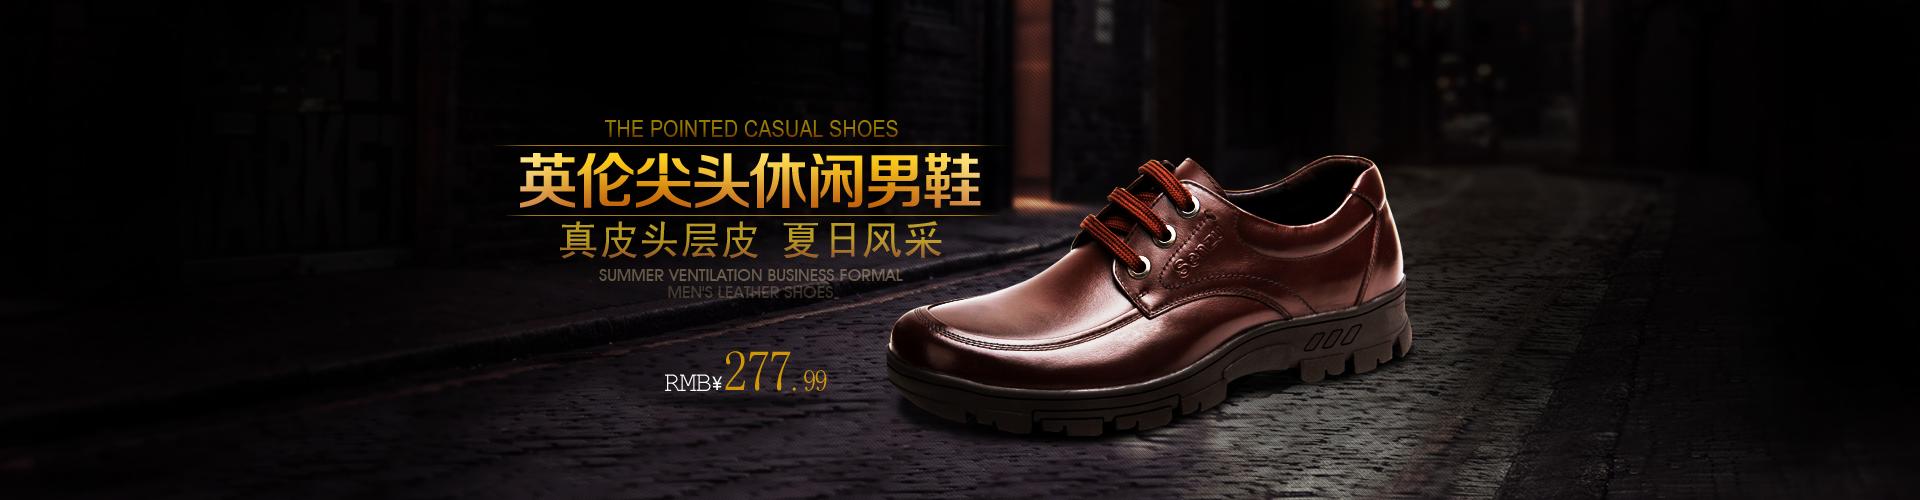 男装鞋子海报设计